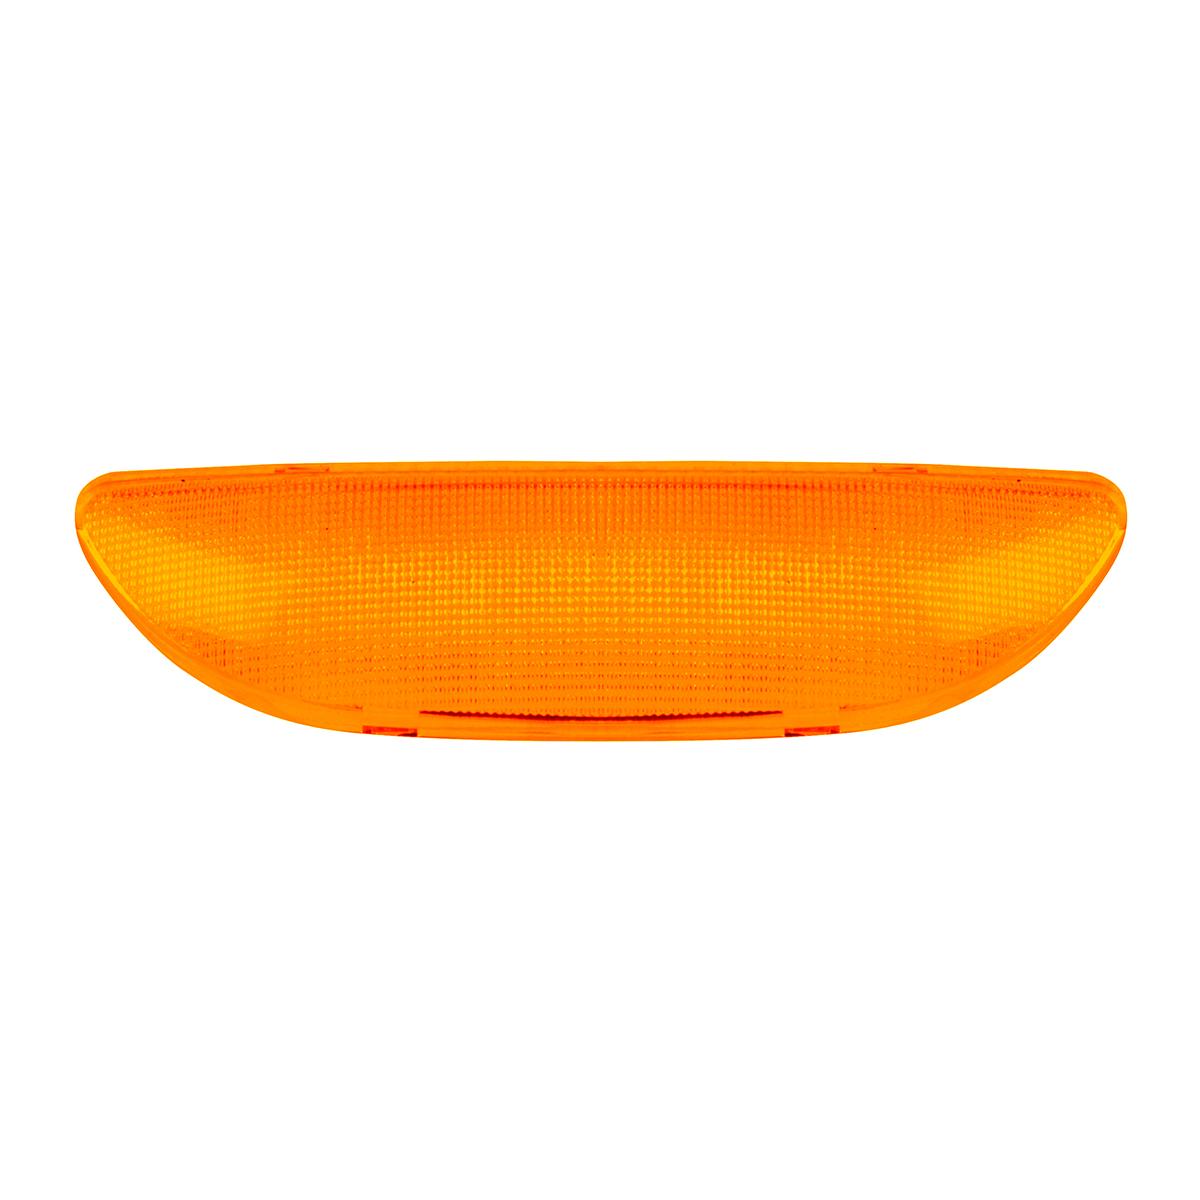 cab dome light lens for peterbilt grand general auto